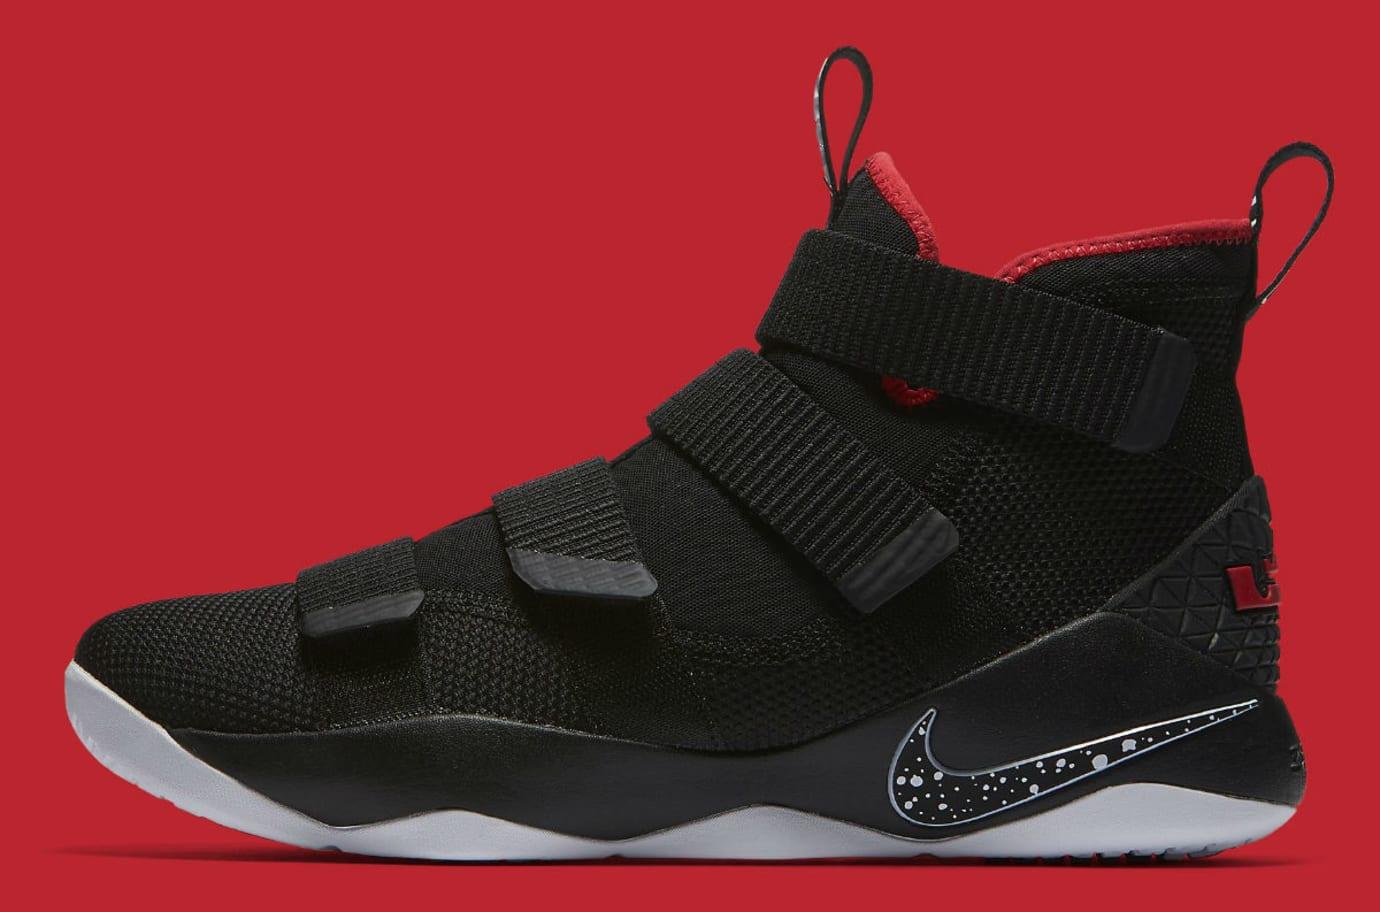 finest selection ebb2b e5e90 Nike LeBron Soldier 11 Bred Release Date Profile 897644-002